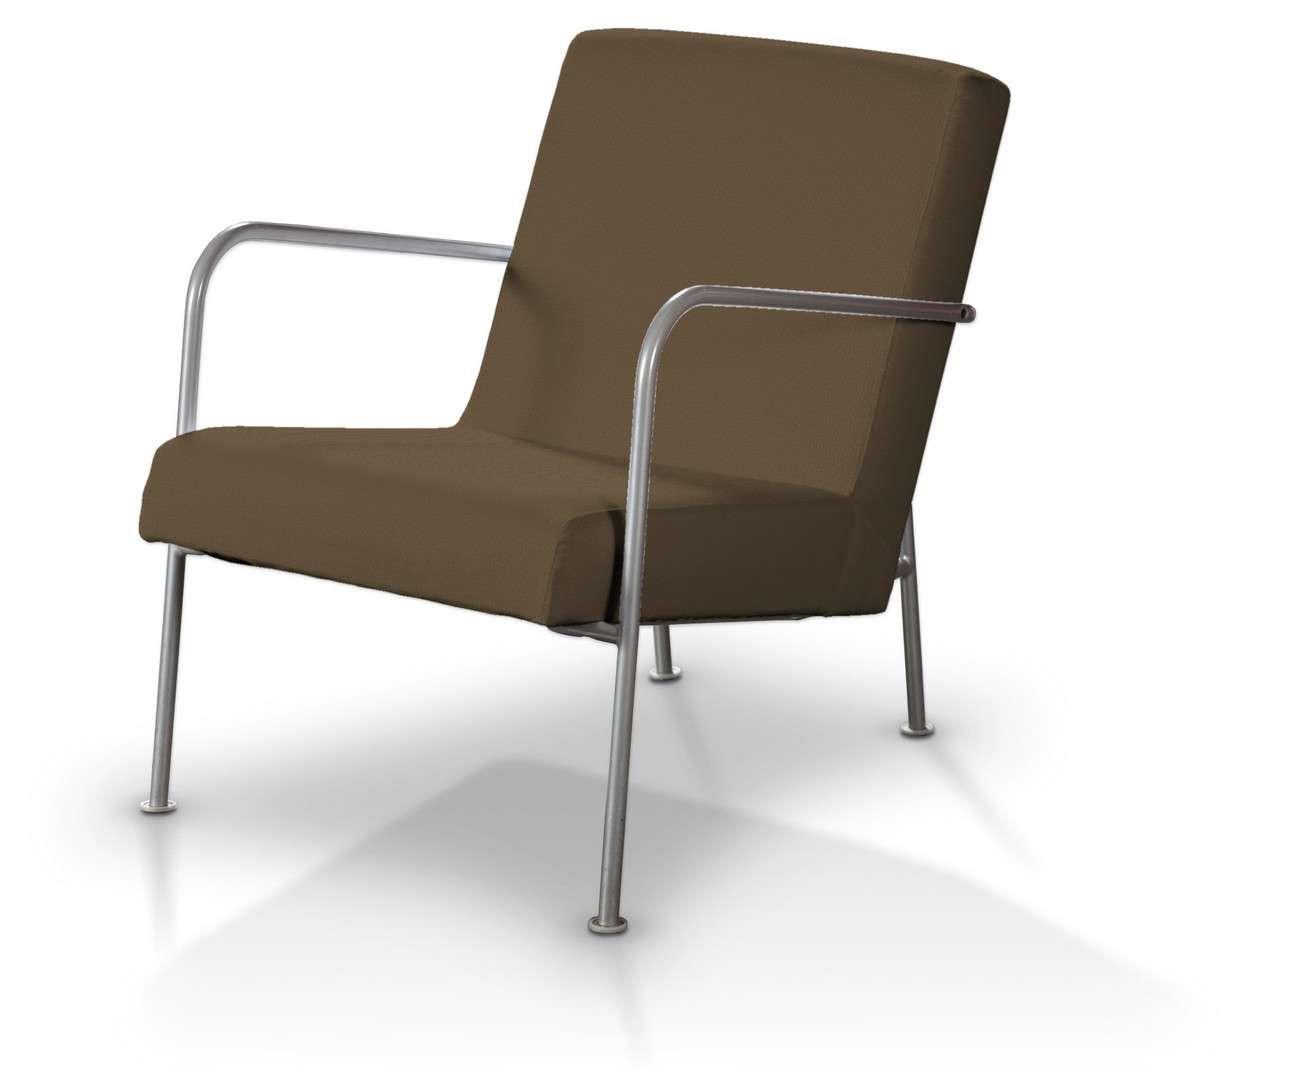 Pokrowiec na fotel Ikea PS w kolekcji Living, tkanina: 160-94